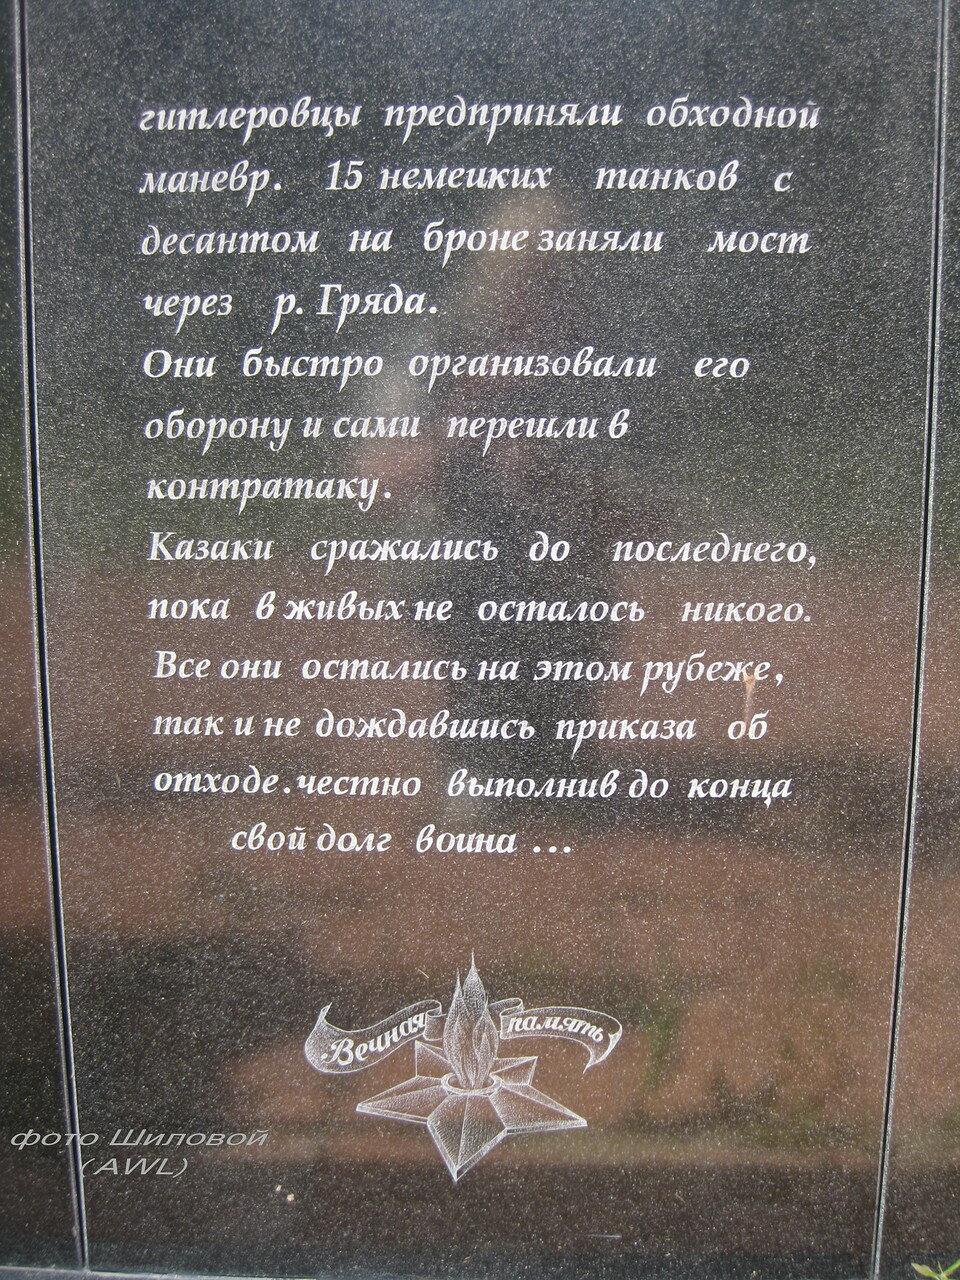 https://img-fotki.yandex.ru/get/41743/199368979.1c/0_1bdf4a_2f91b8cc_XXXL.jpg